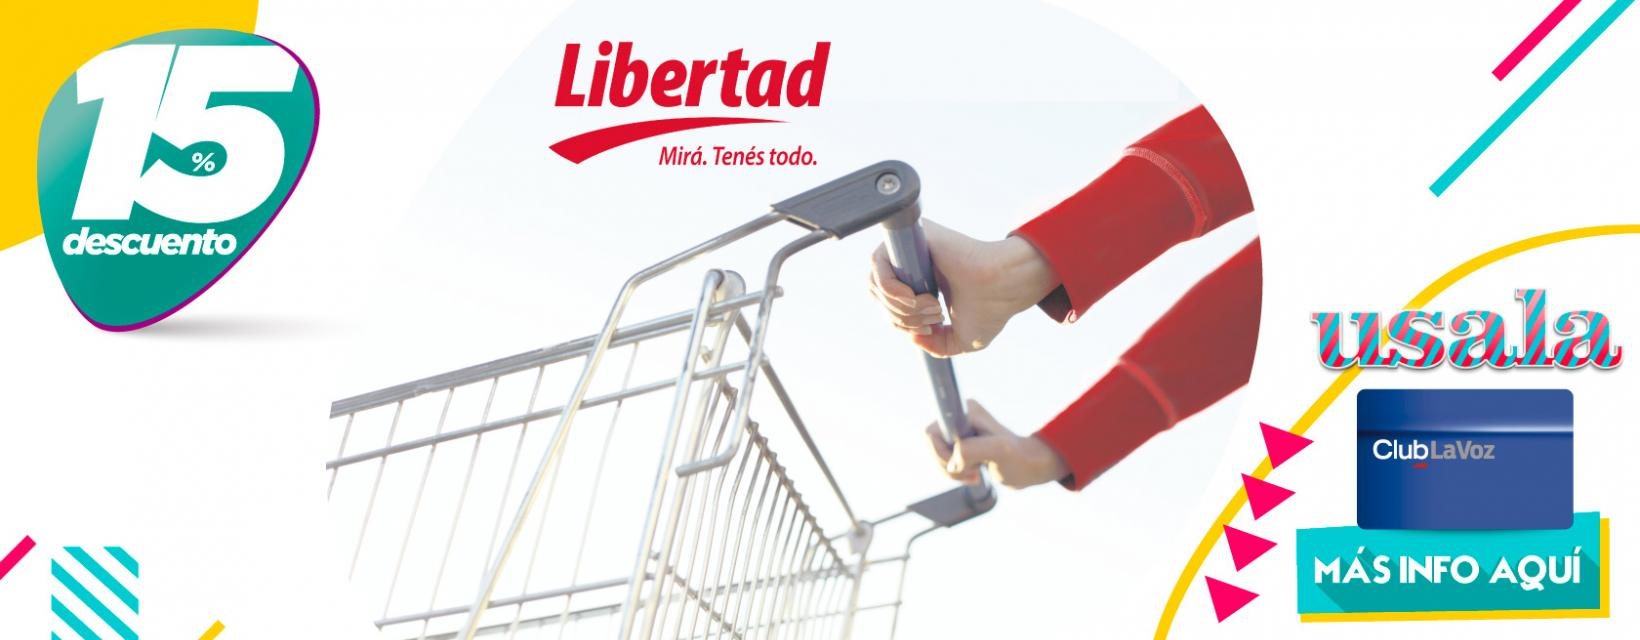 Libertad Usala BANNER